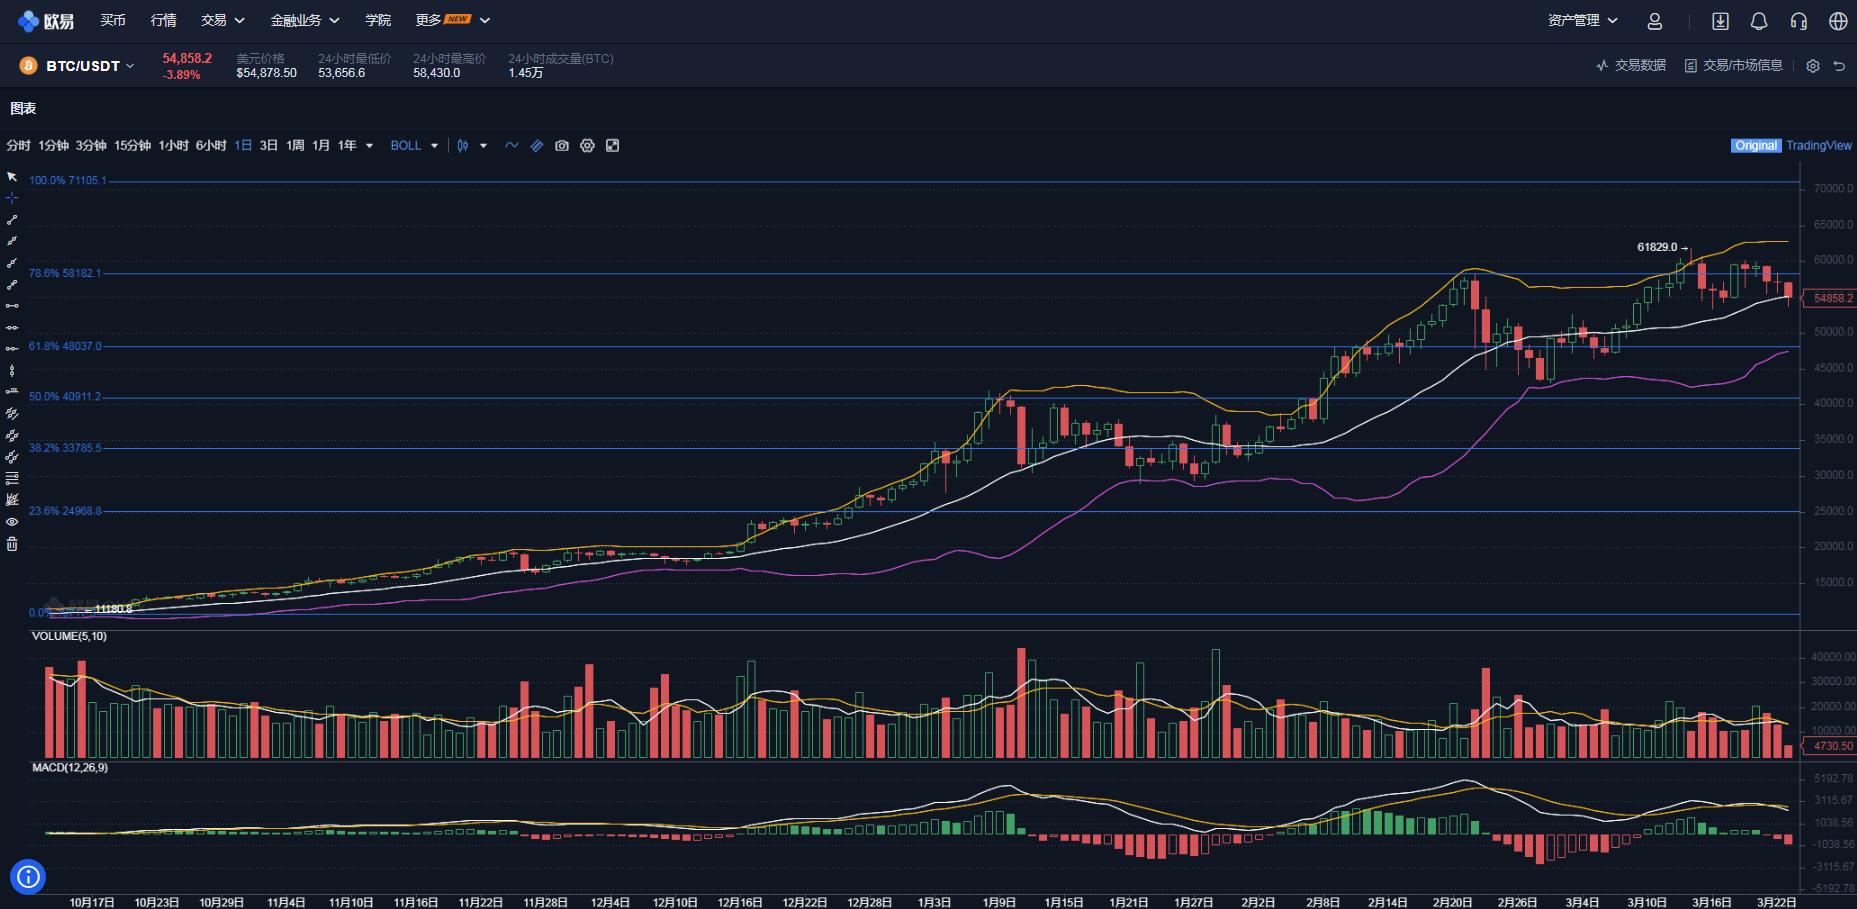 比特幣下次熊市會跌到多少,還有機會回到5000以下嗎?